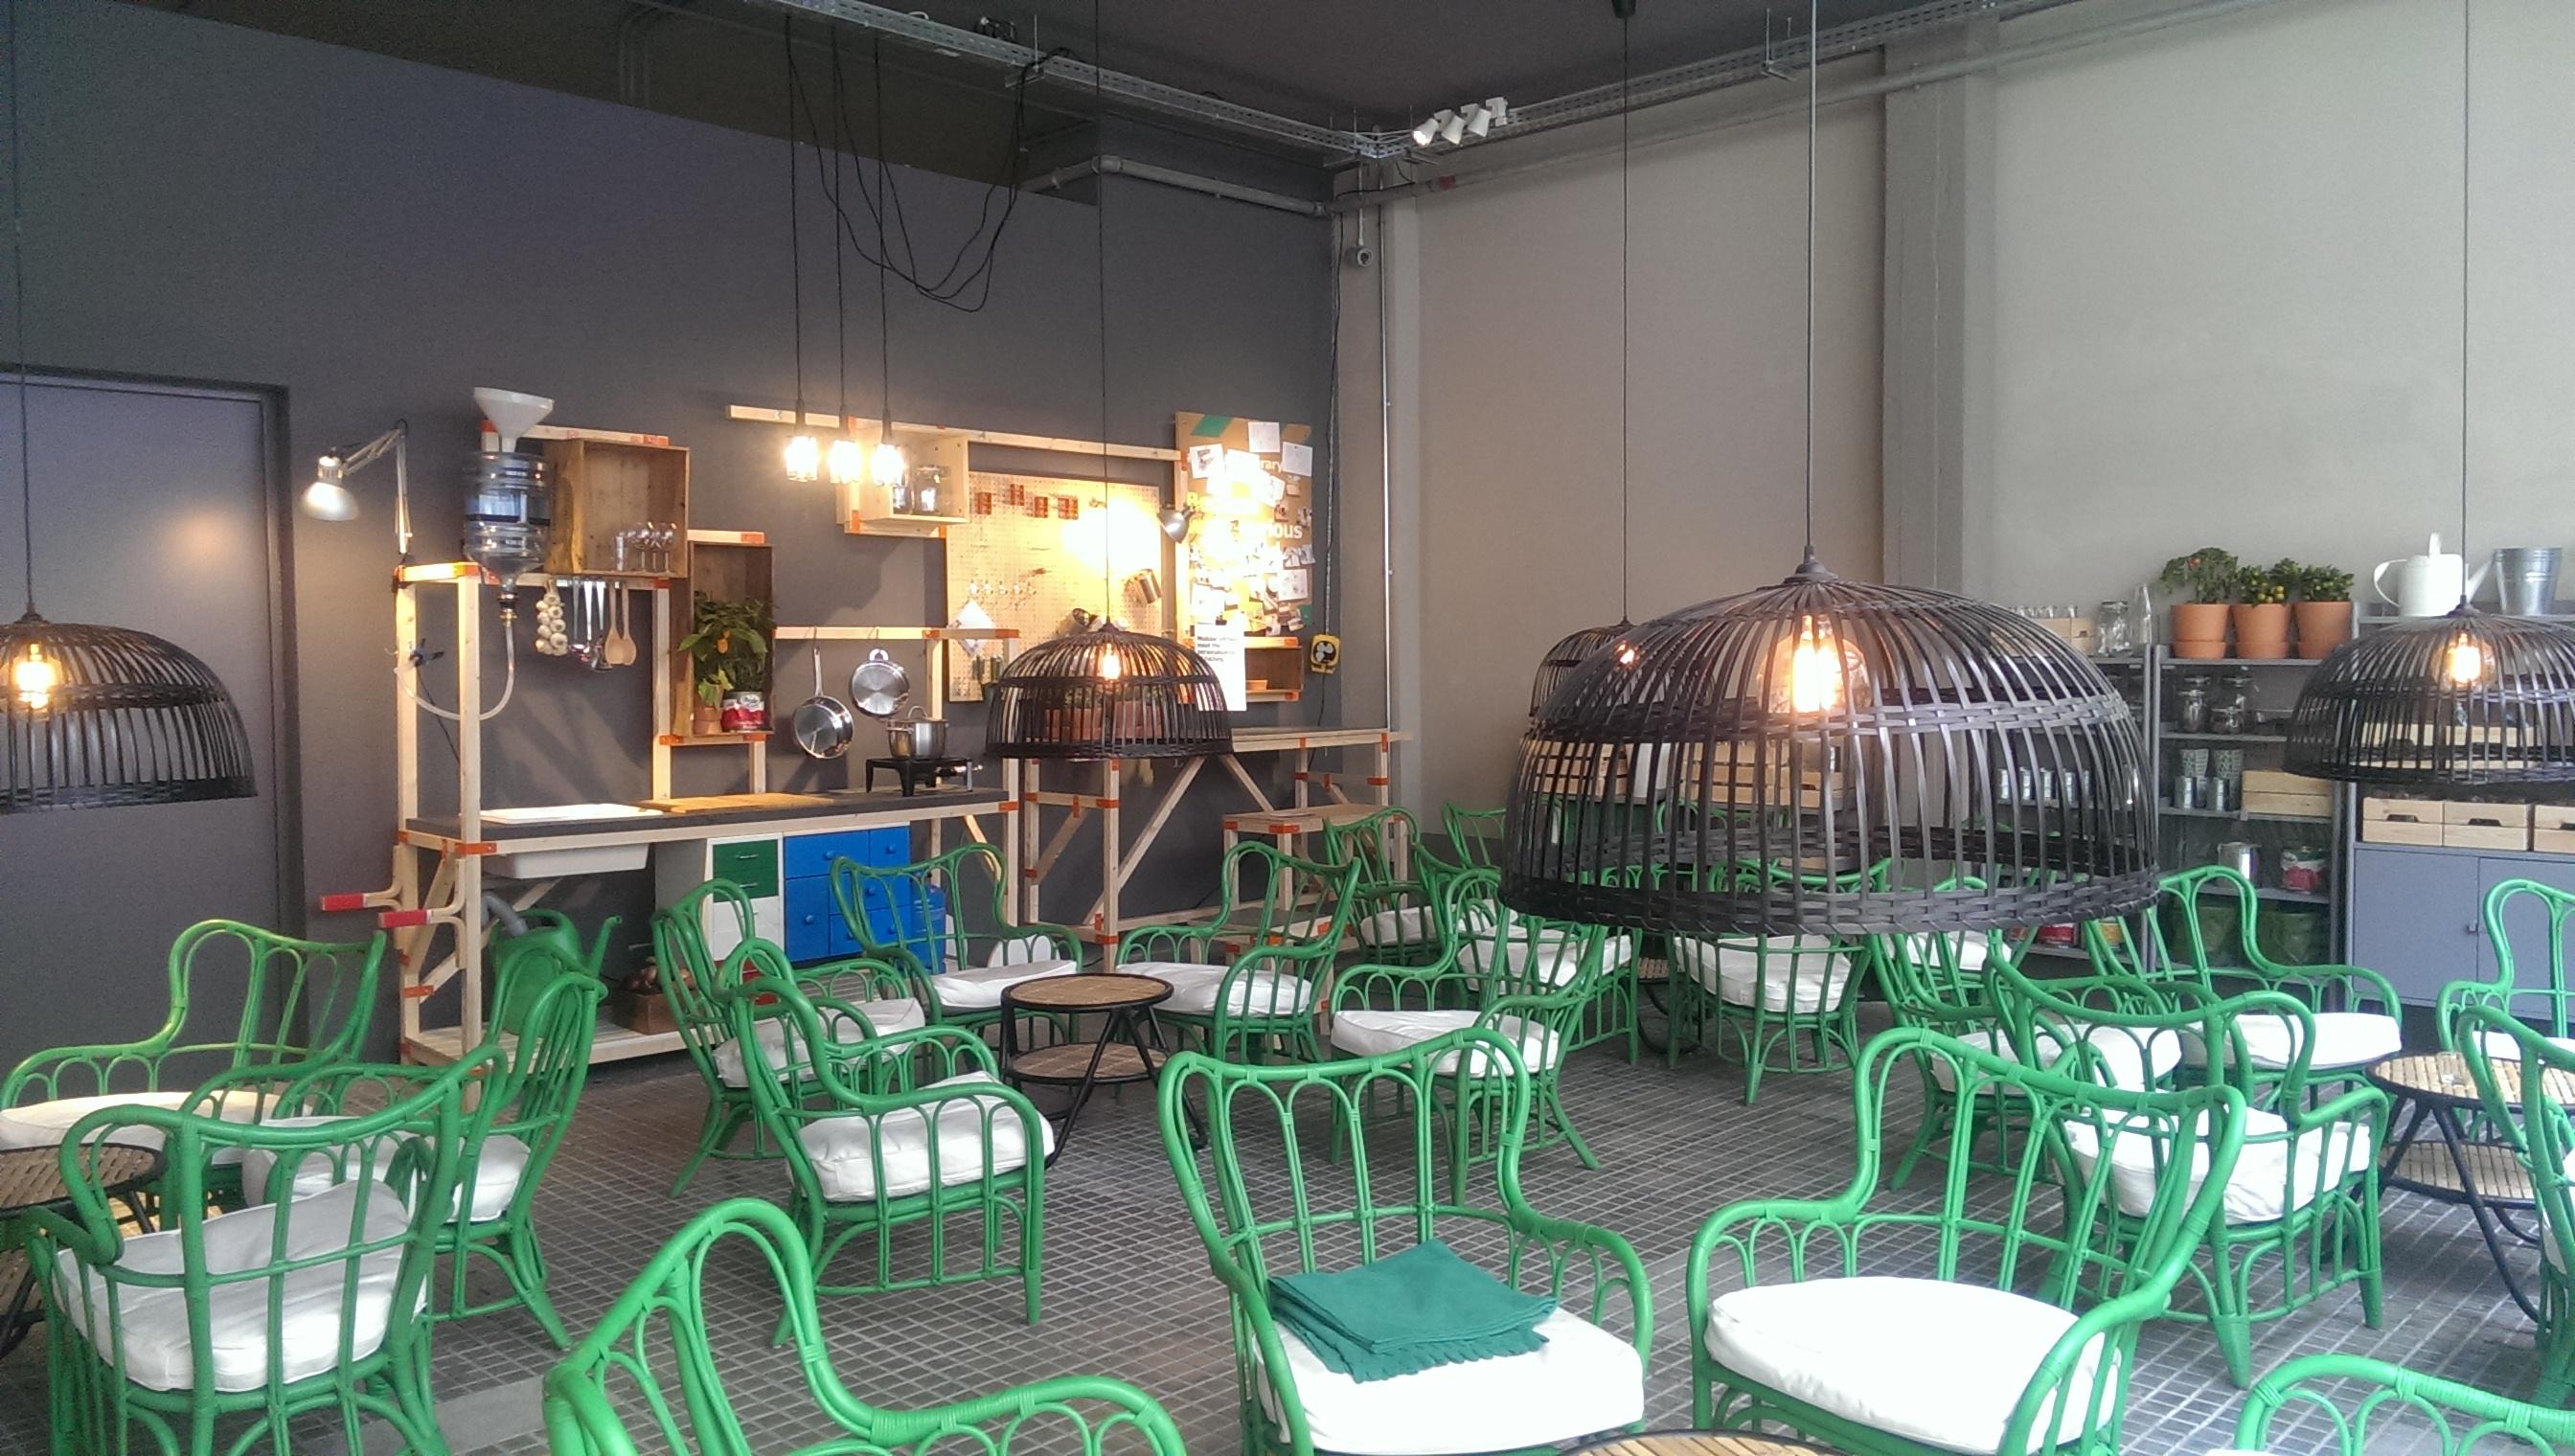 Report dalla milano design week iglooo for Ikea salone del mobile